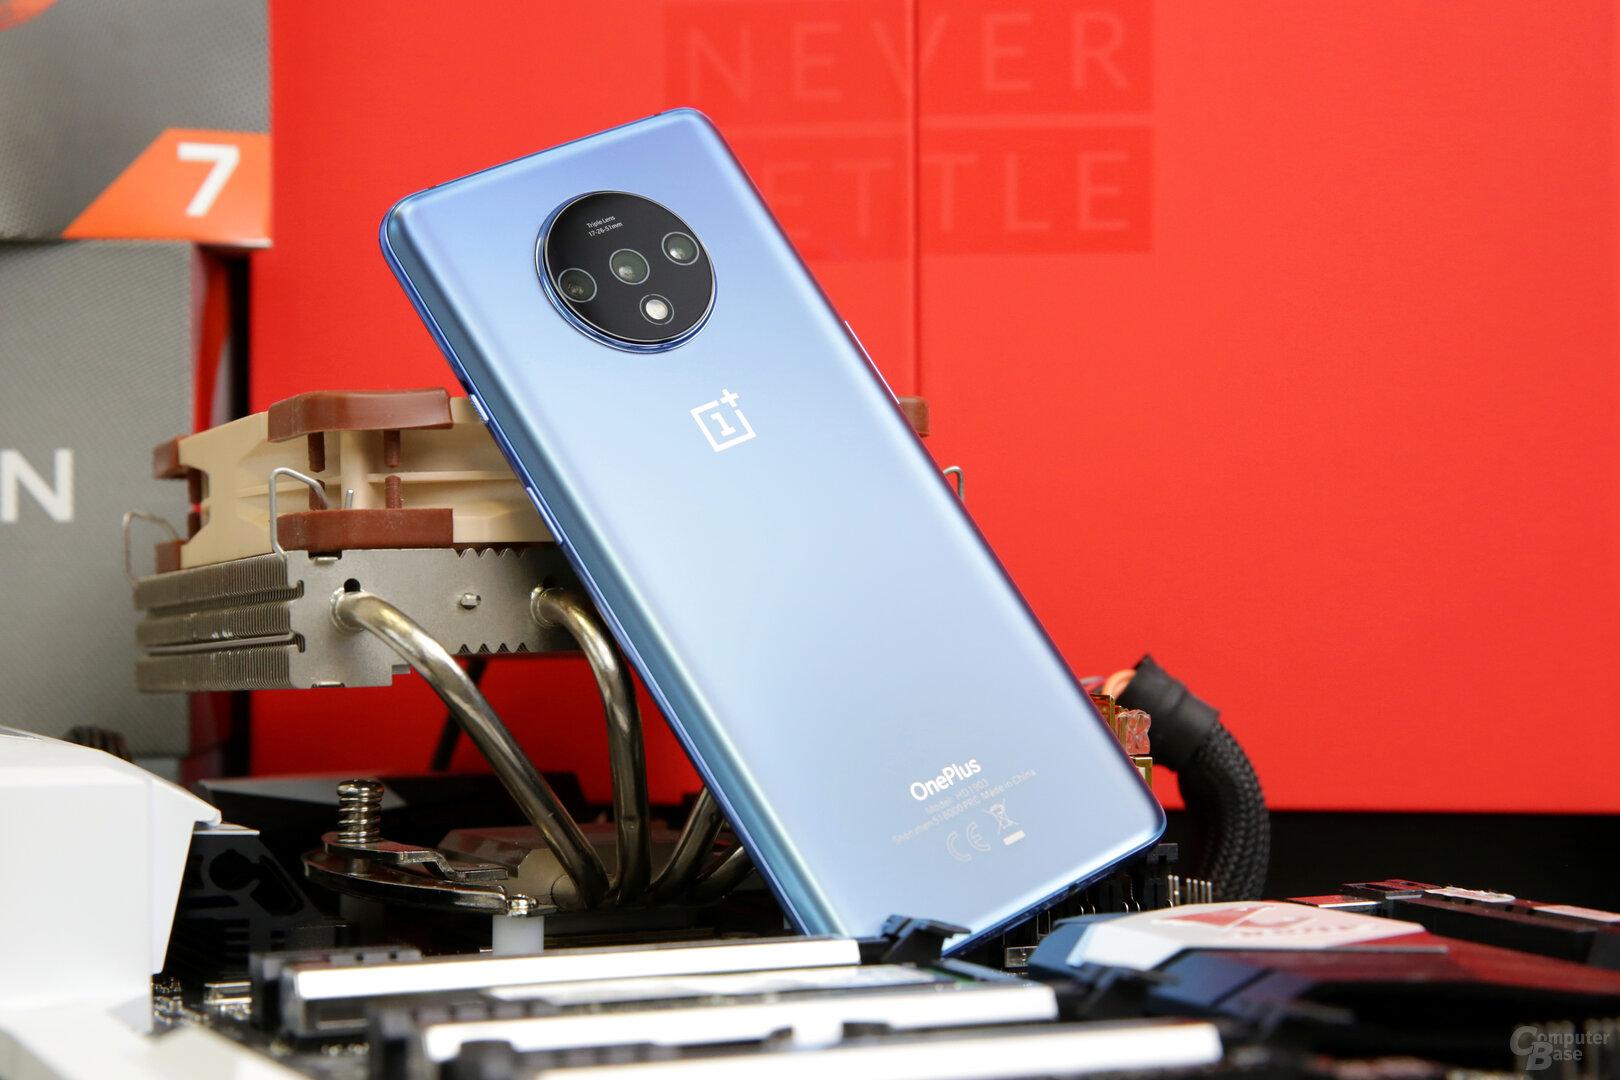 Mattes Glas, hier in Blau, ziert die Rückseite